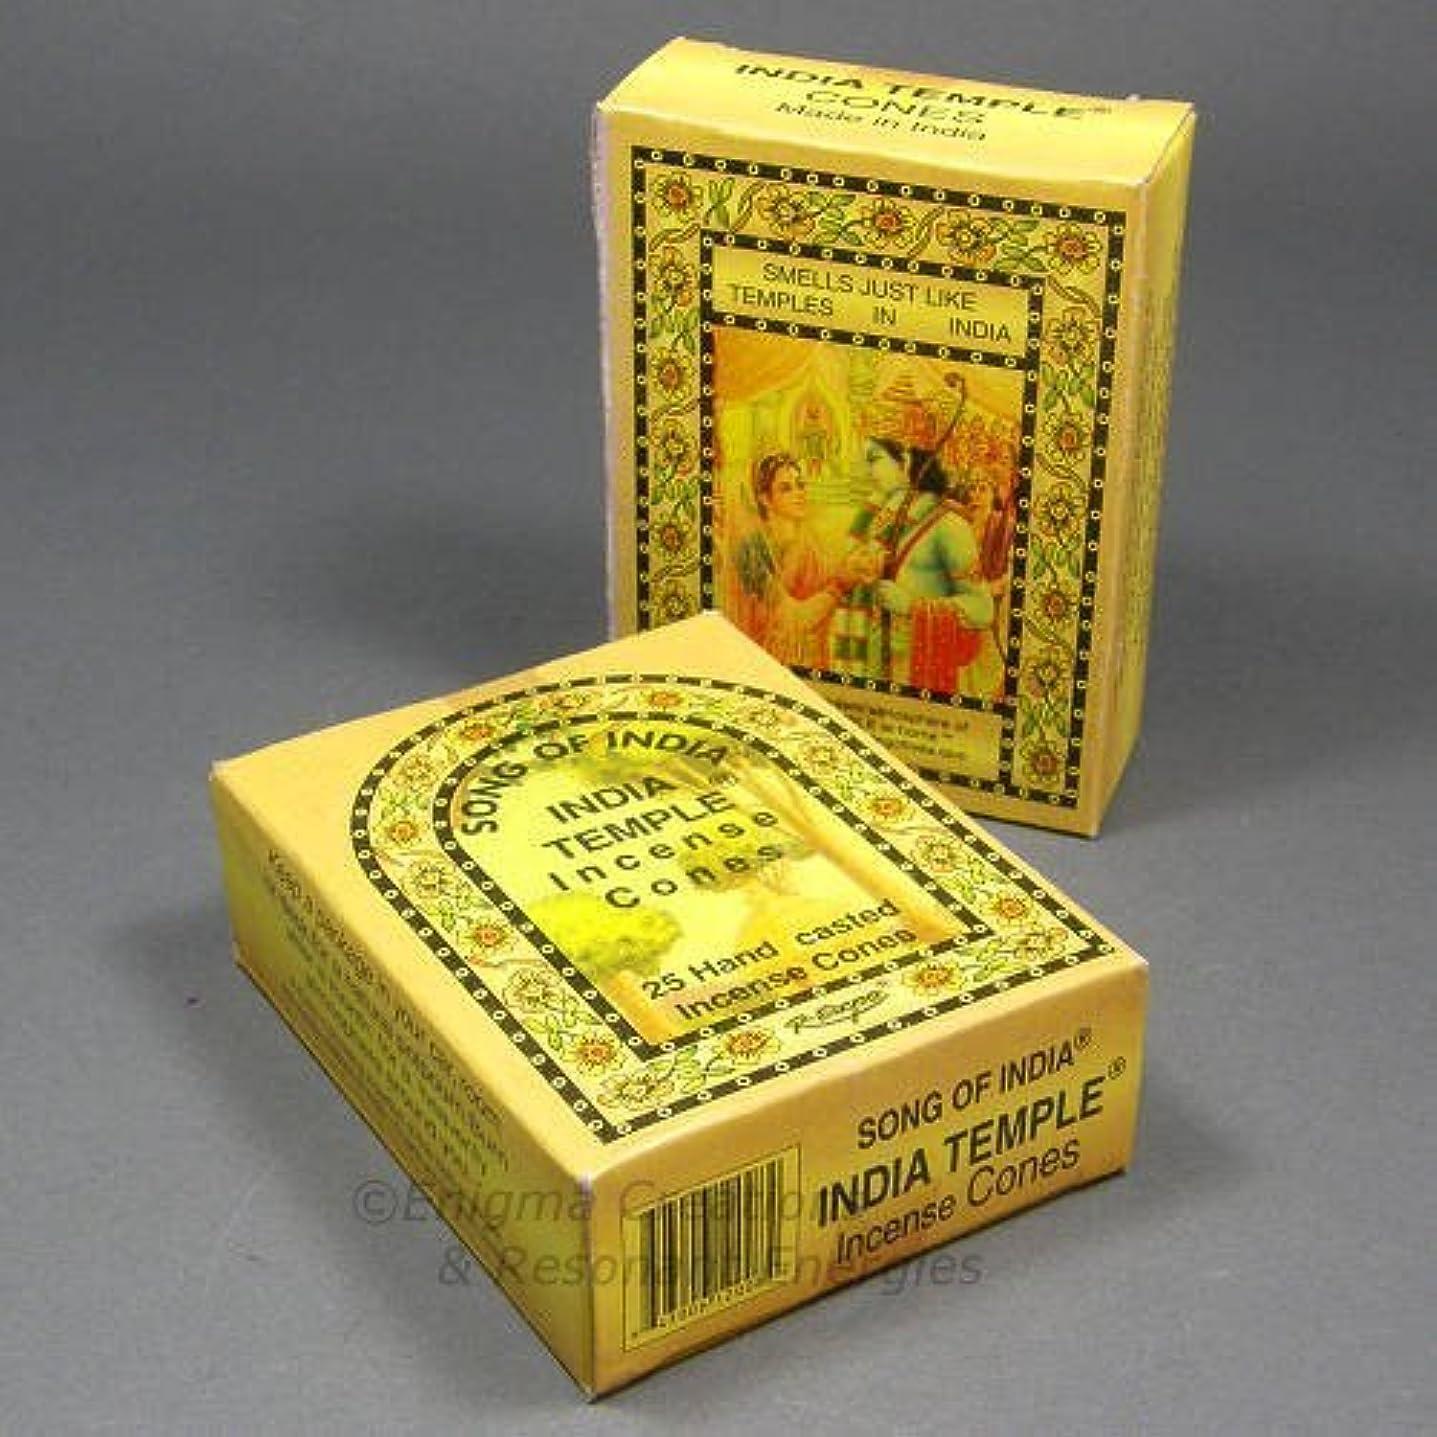 長くする骨の折れる出身地Song of India - India Temple Cone Incense, 2 x 25 Cone Pack, 50 Cones Total, (IN7) by Song of India